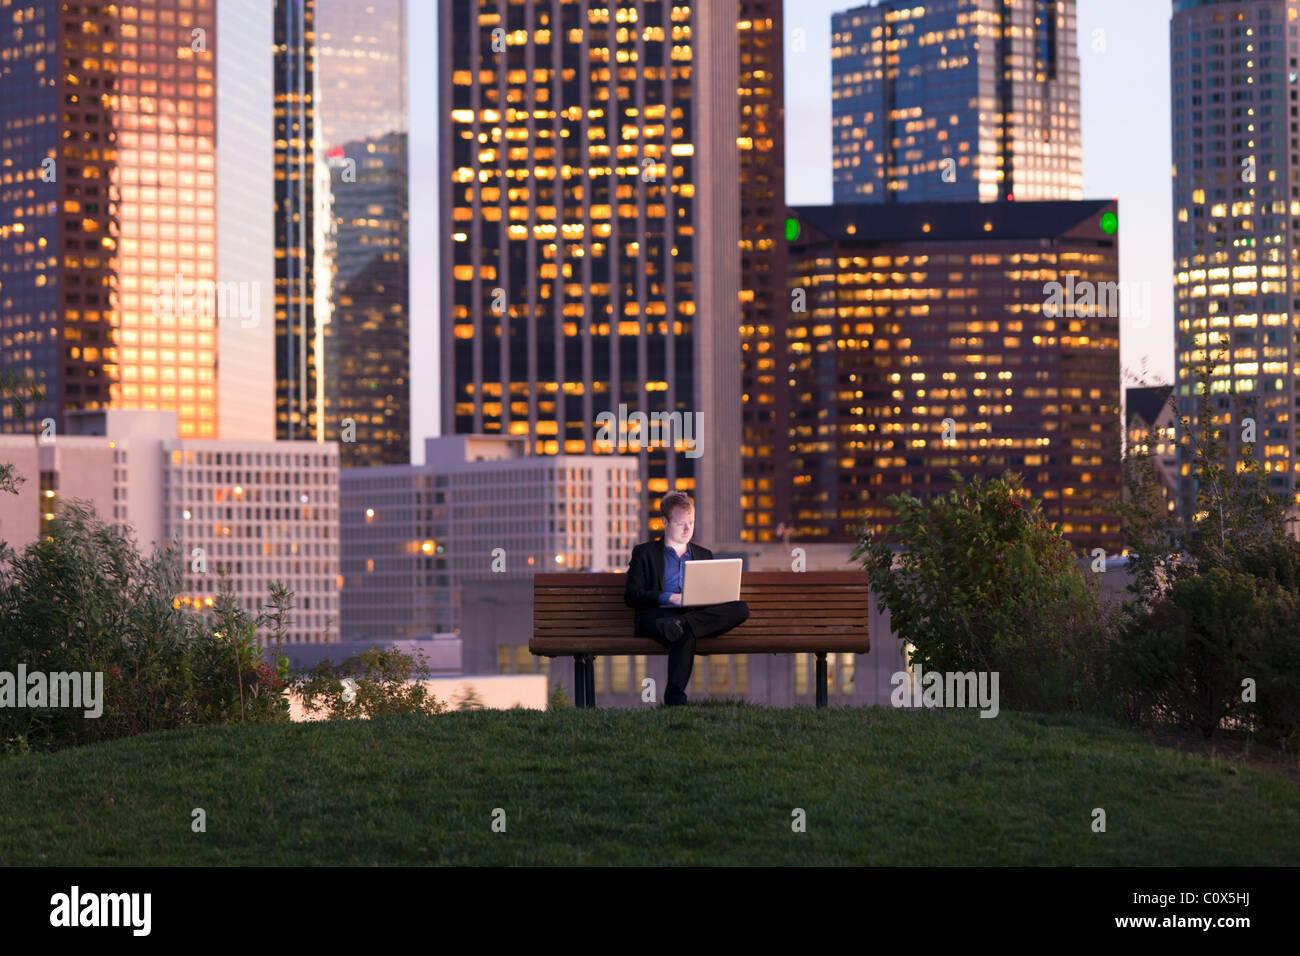 Hombres sentados en un banco del parque trabajando en equipo portátil con vistas al horizonte de la ciudad Imagen De Stock